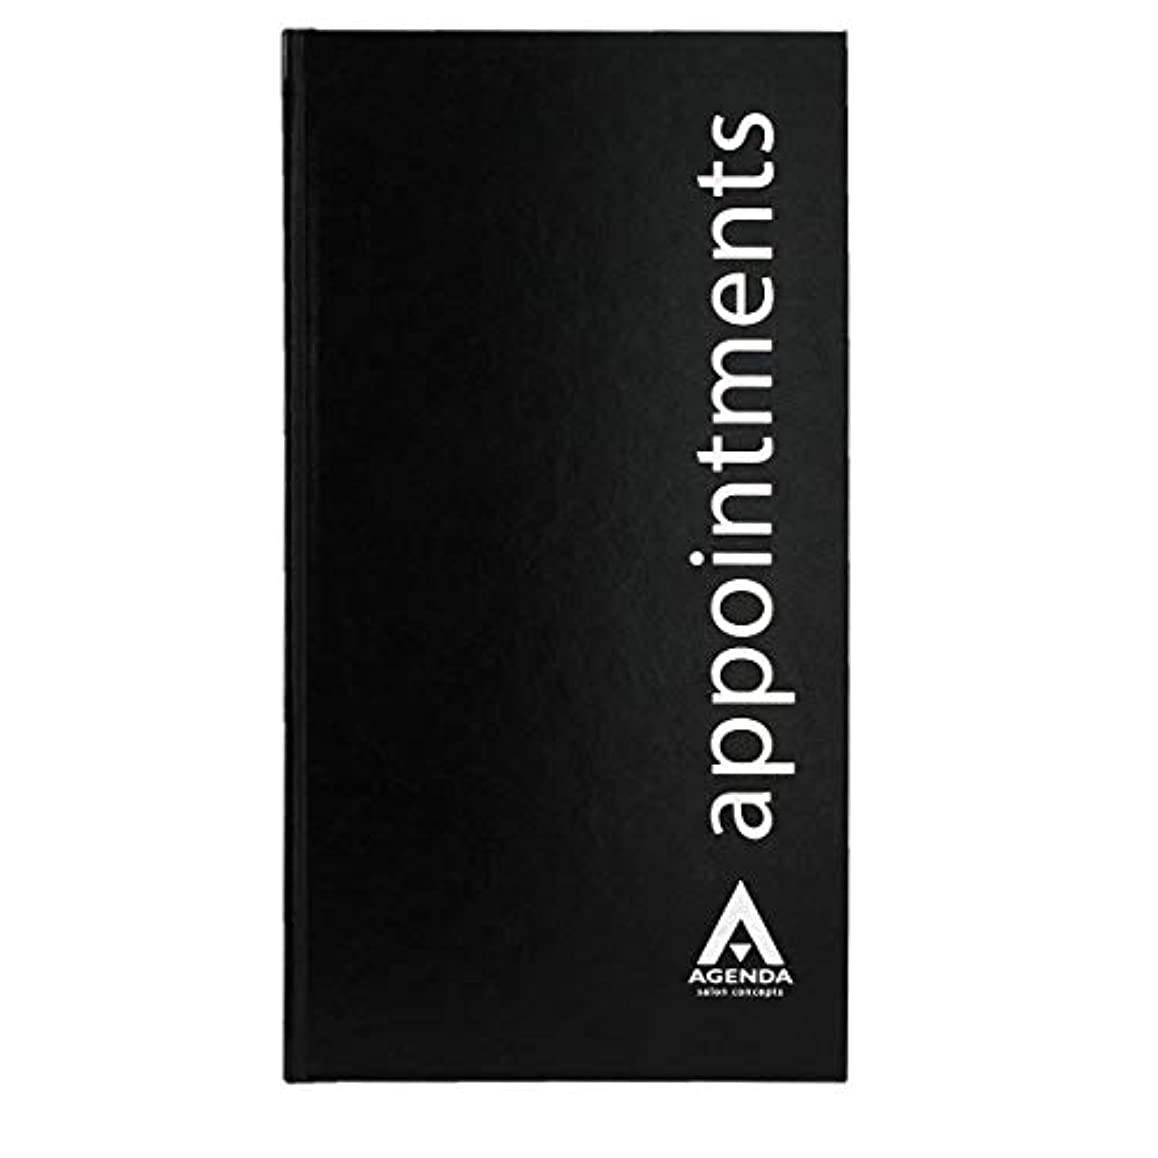 デンマーク健康的生産性アジェンダ サロンコンセプト 美容アポイントメントブック3アシスタントブラック[海外直送品] [並行輸入品]